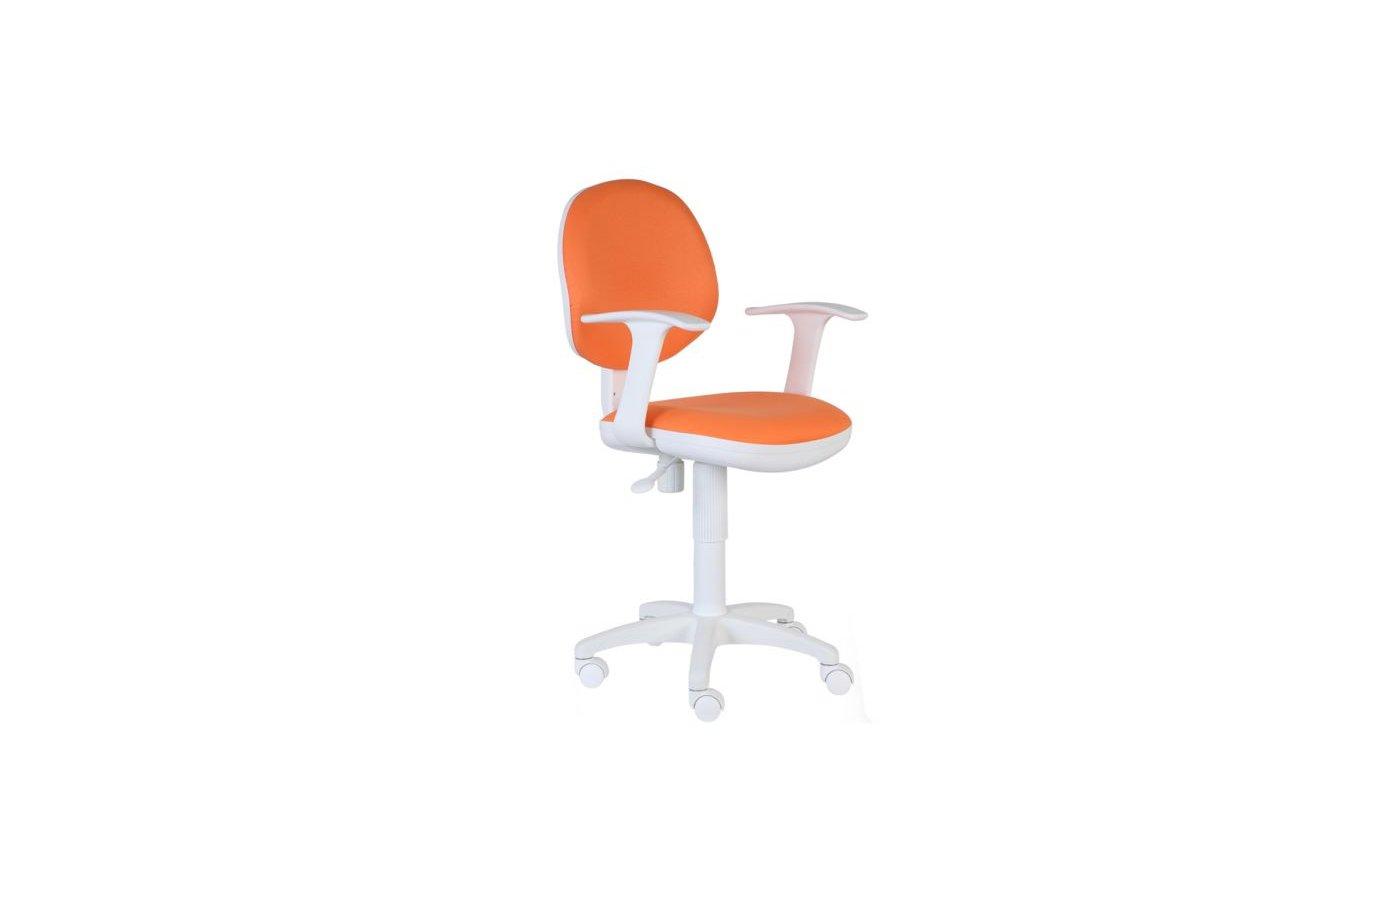 Бюрократ CH-W356AXSN/15-75 оранжевый 15-75 (пластик белый)